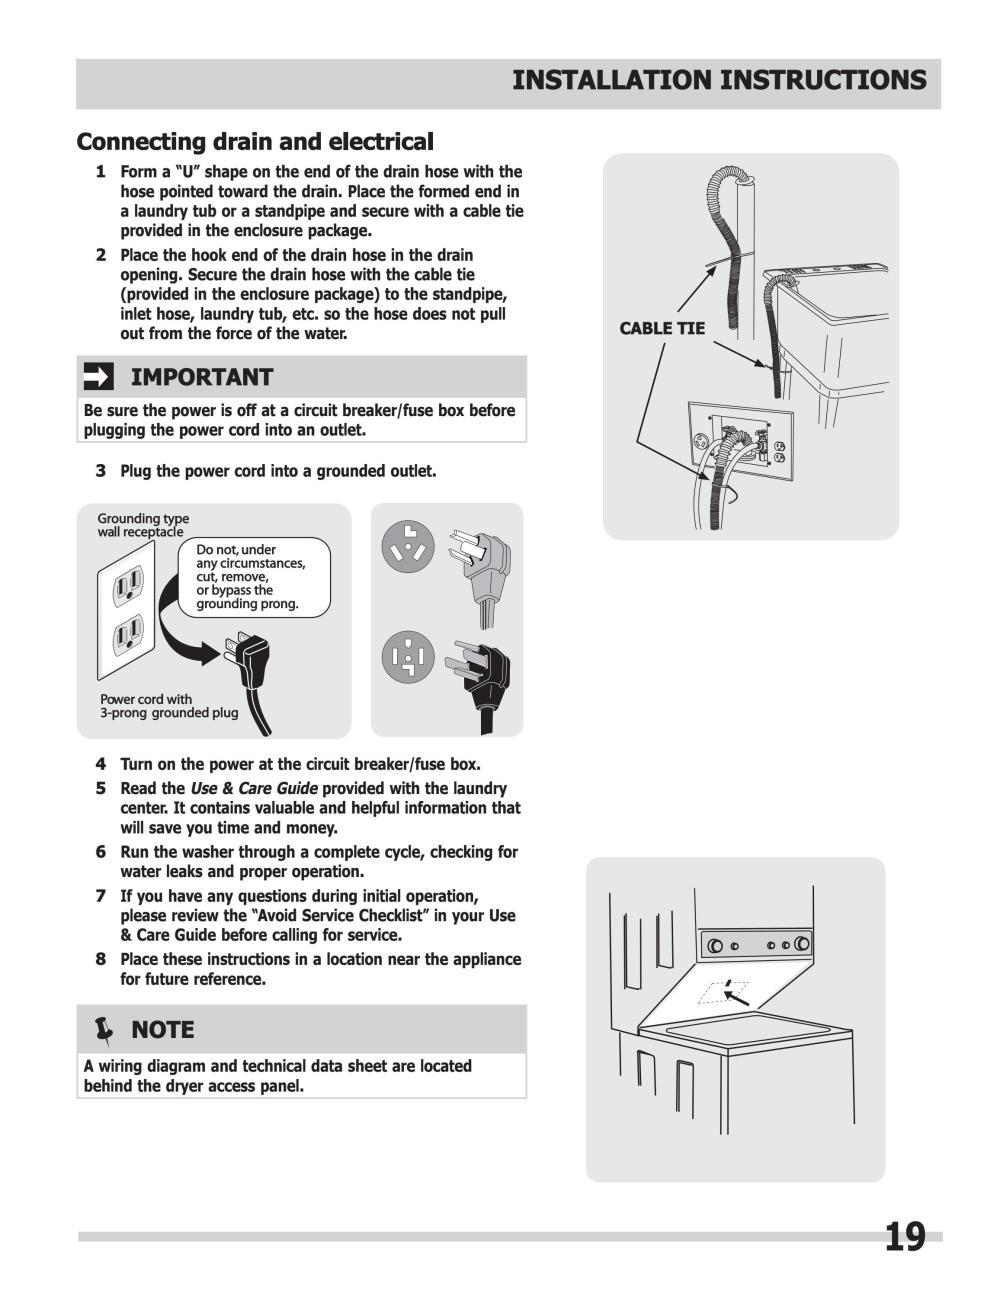 medium resolution of manual de instalacion centro lavado mod fflg2022mw frigidaire